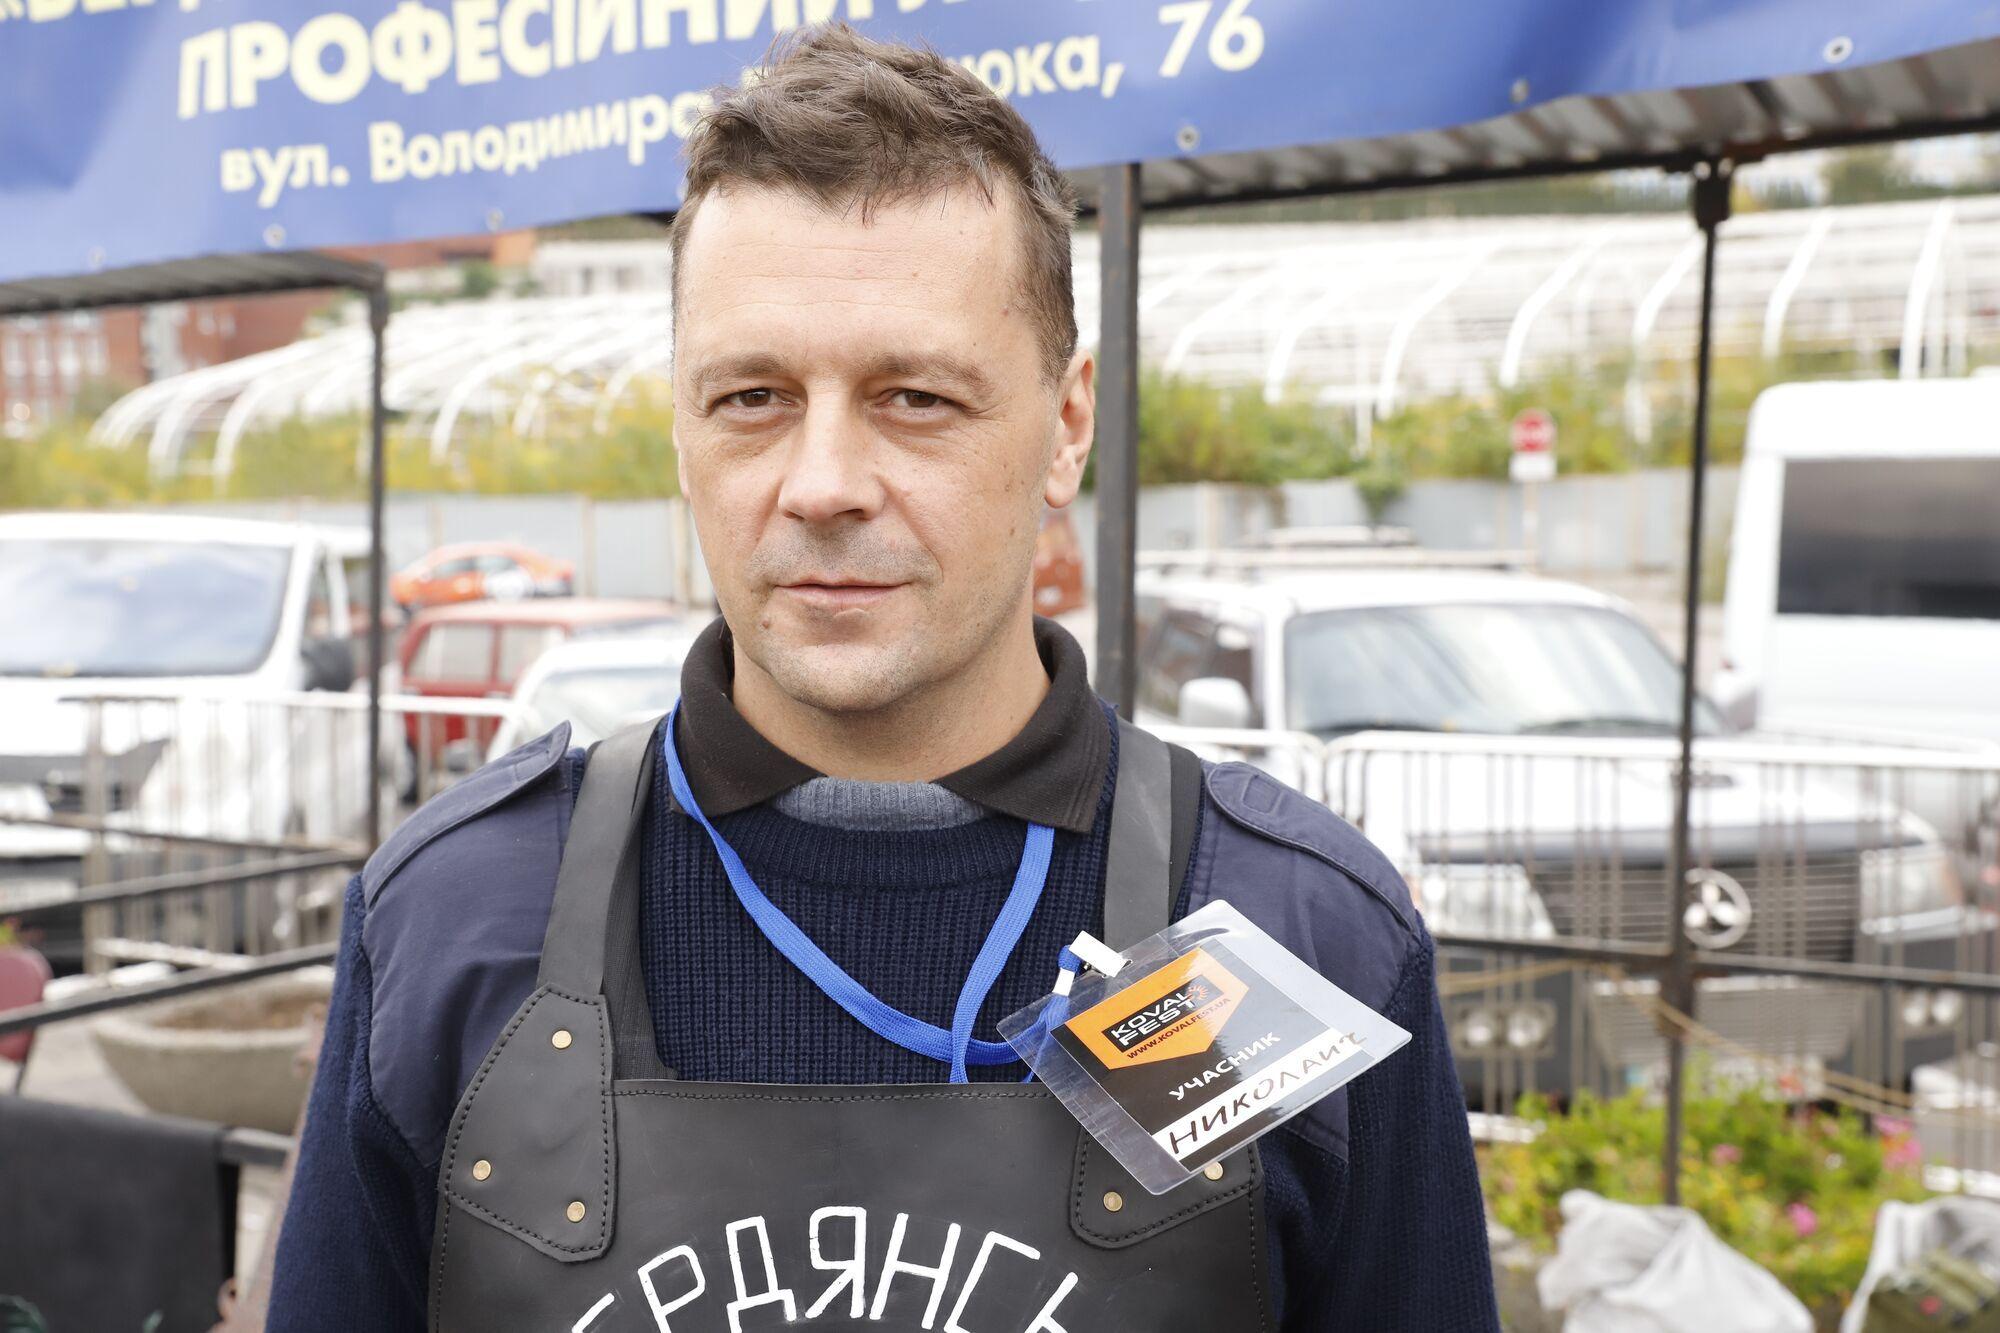 Александр Шапошник, кузнец из Бердянска